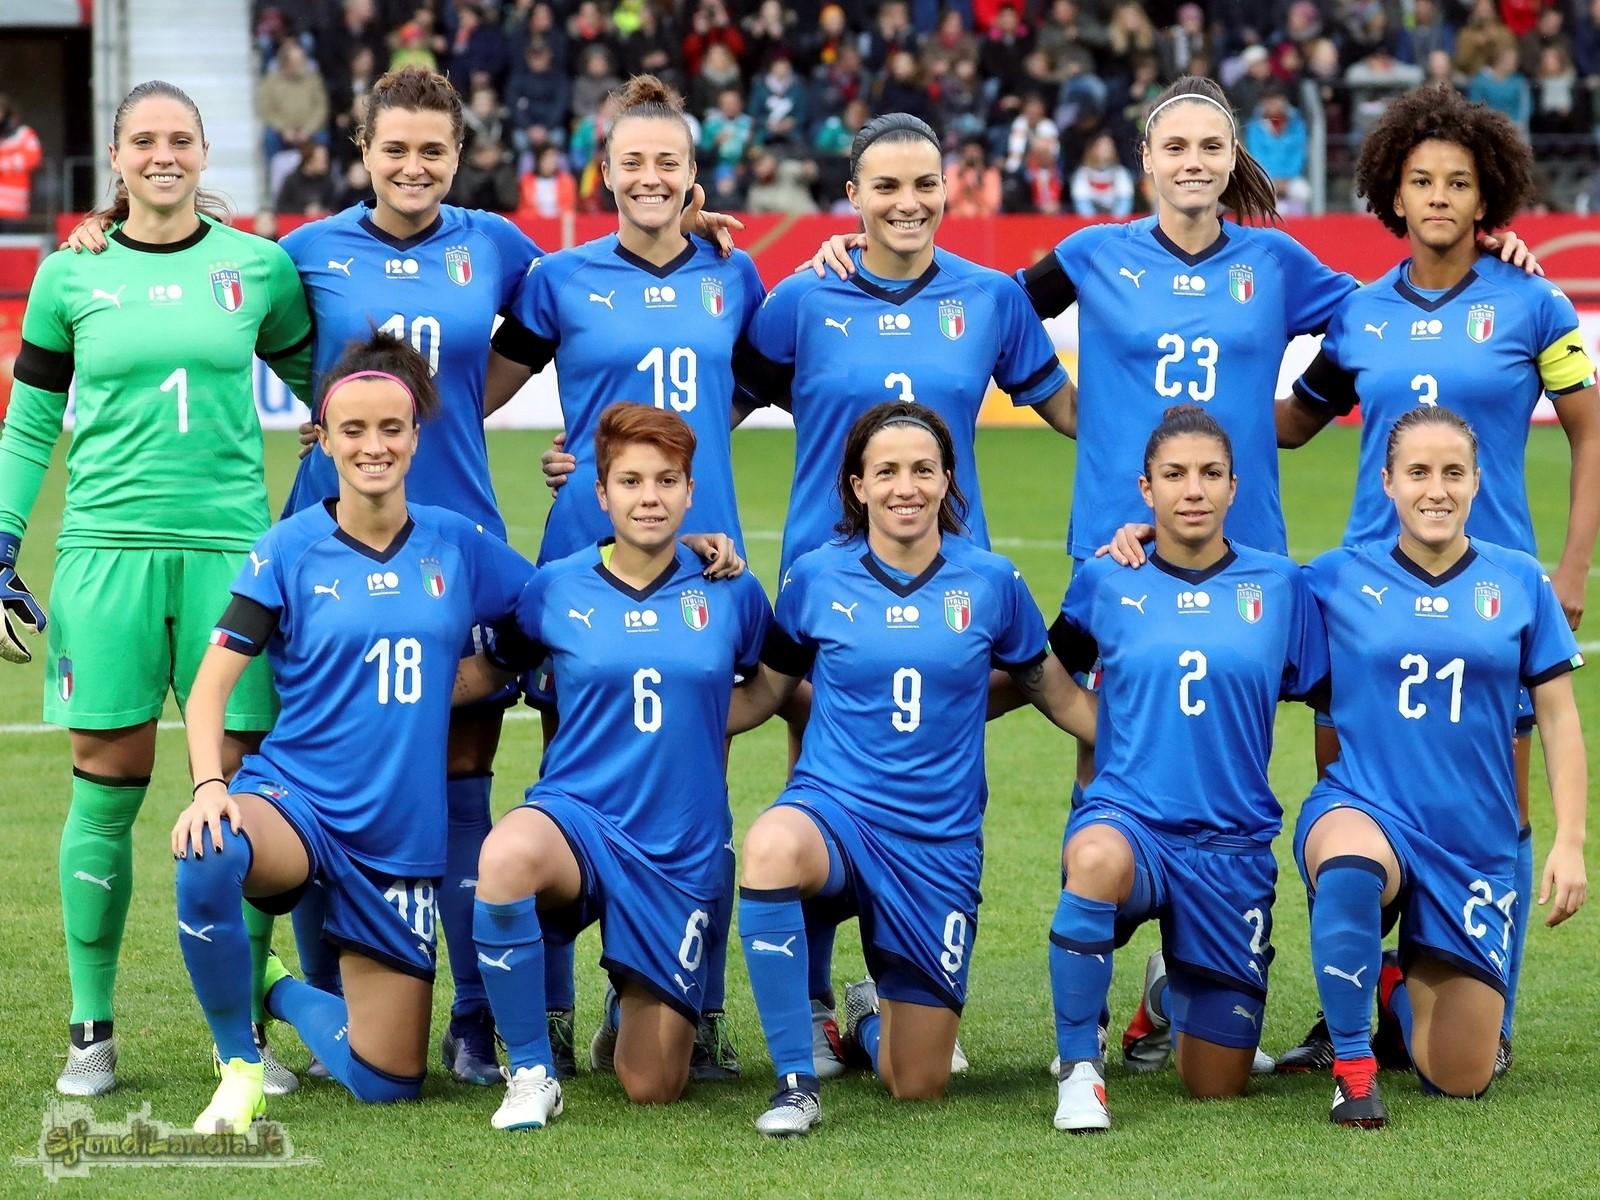 Italia femminile 2019